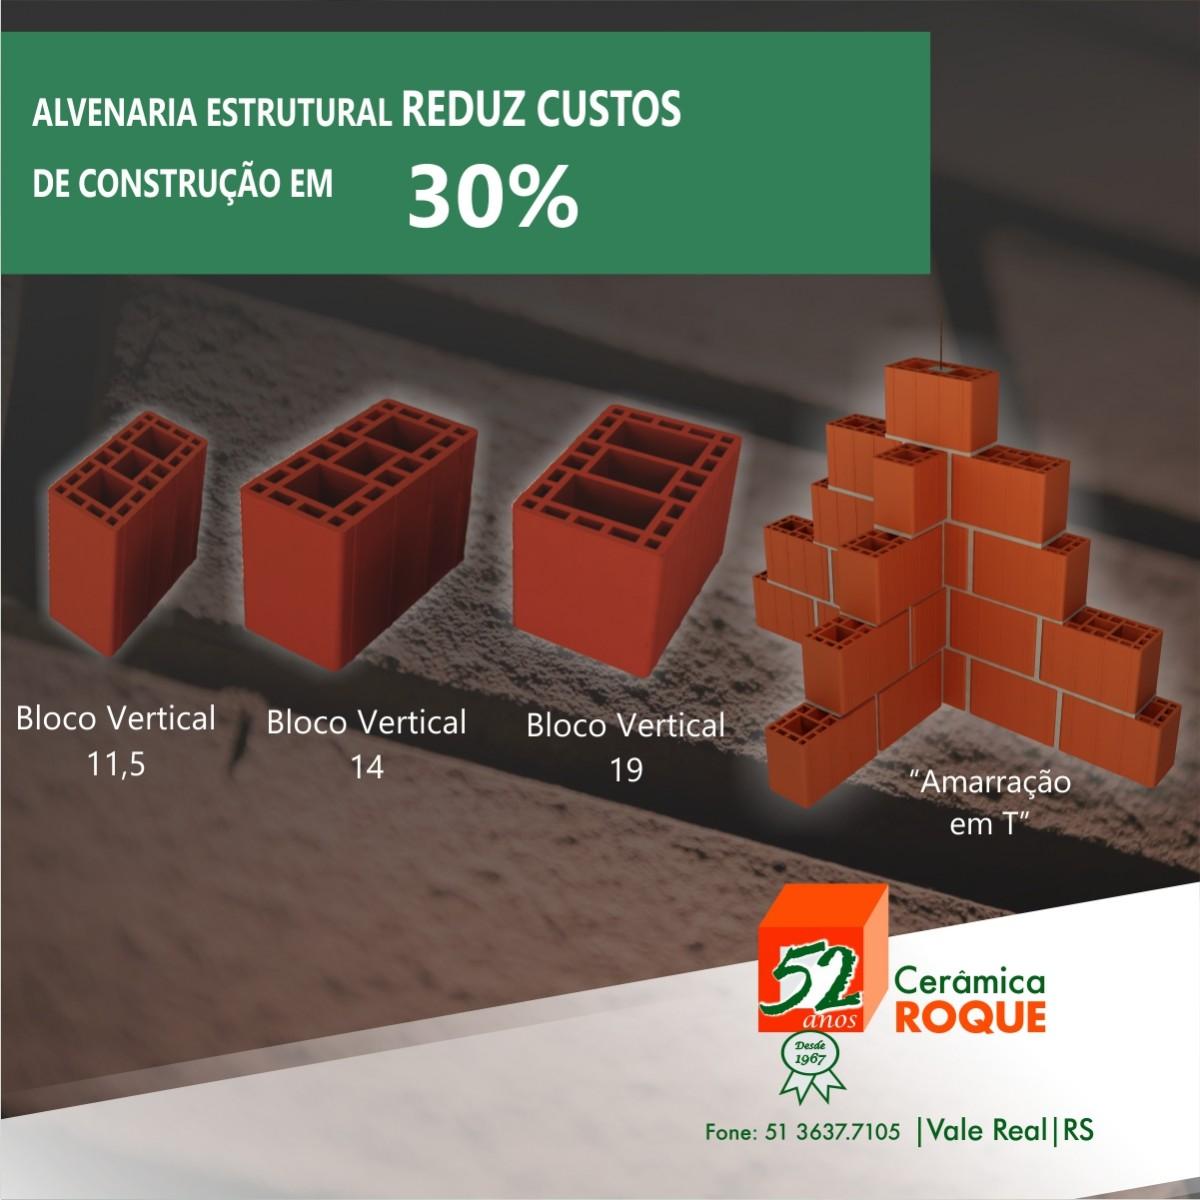 Alvenaria Estrutural reduz custos de construção em 30%